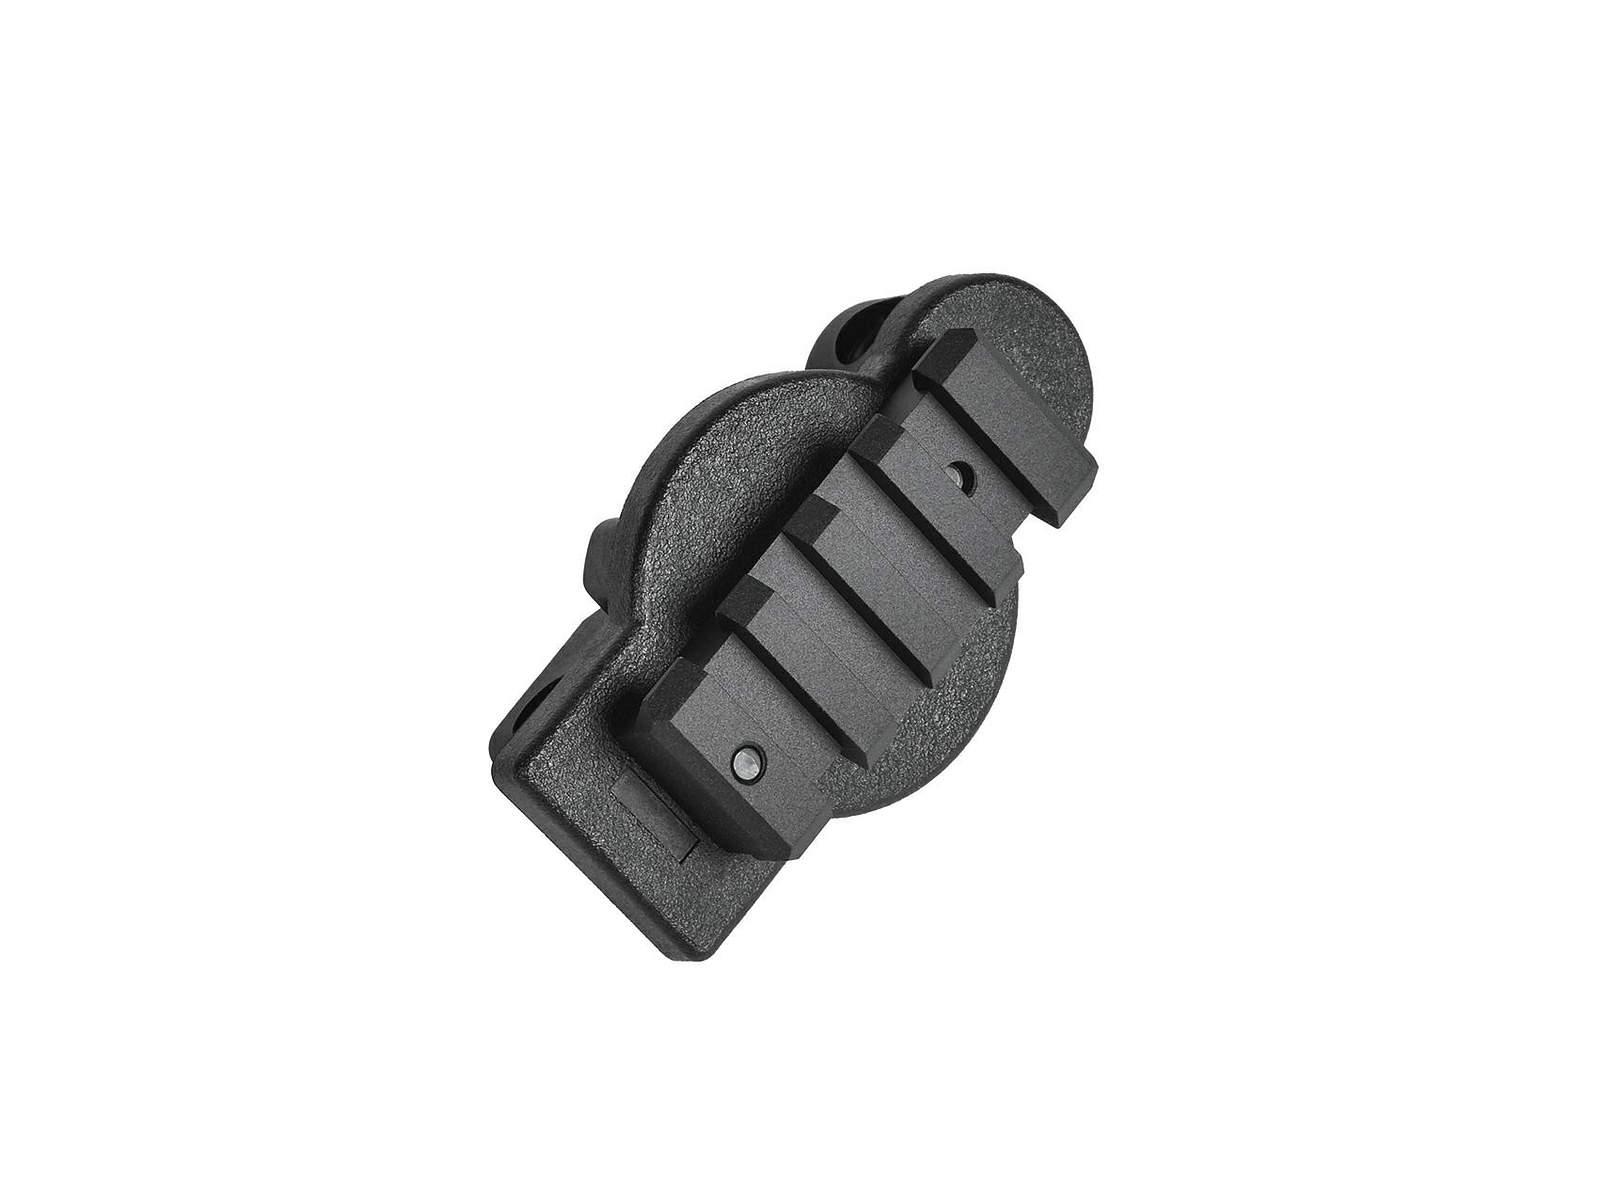 CRUSADER VFC/Umarex MP5K GBB用 ピカティニーレールストックアダプター